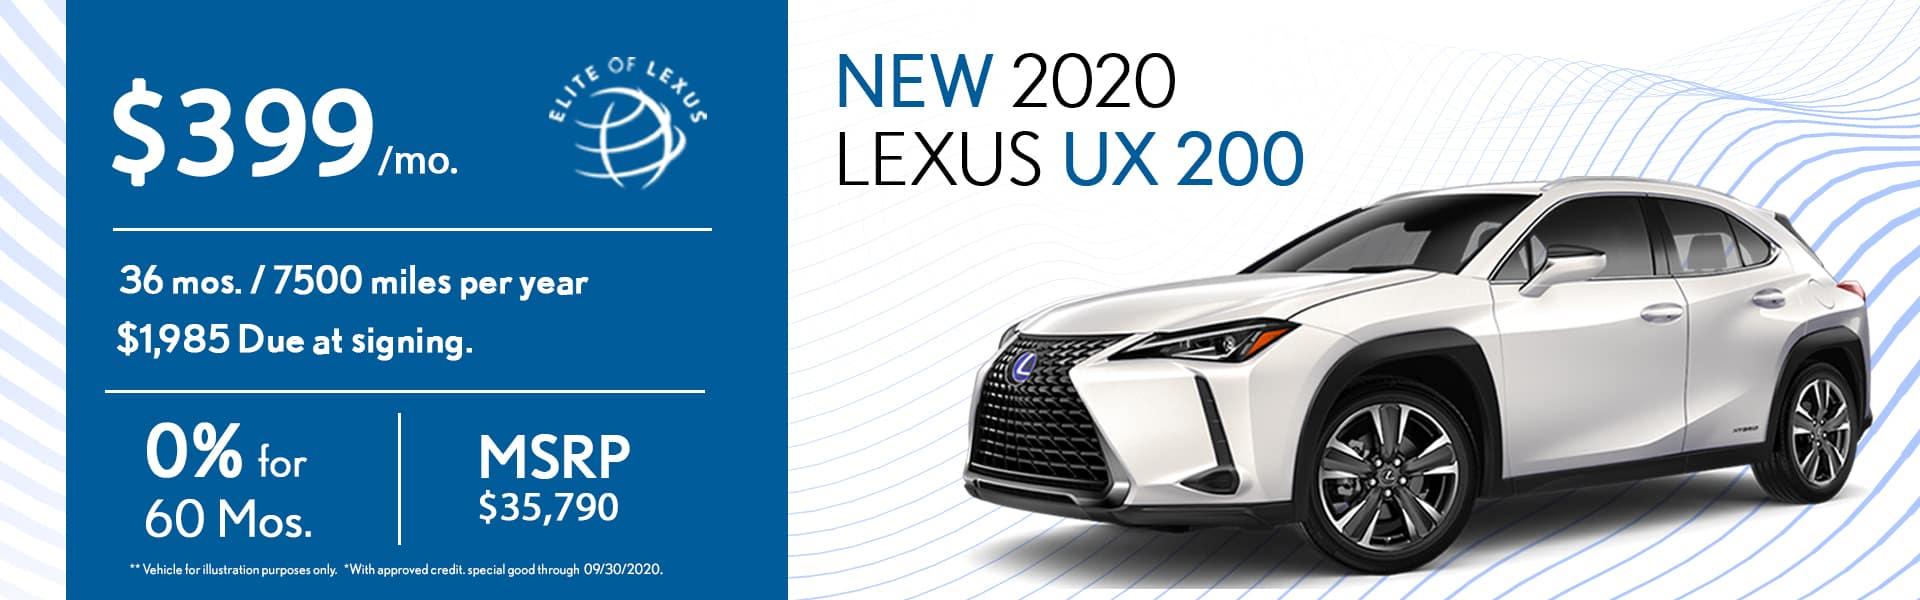 2020 Lexus UX 200 special